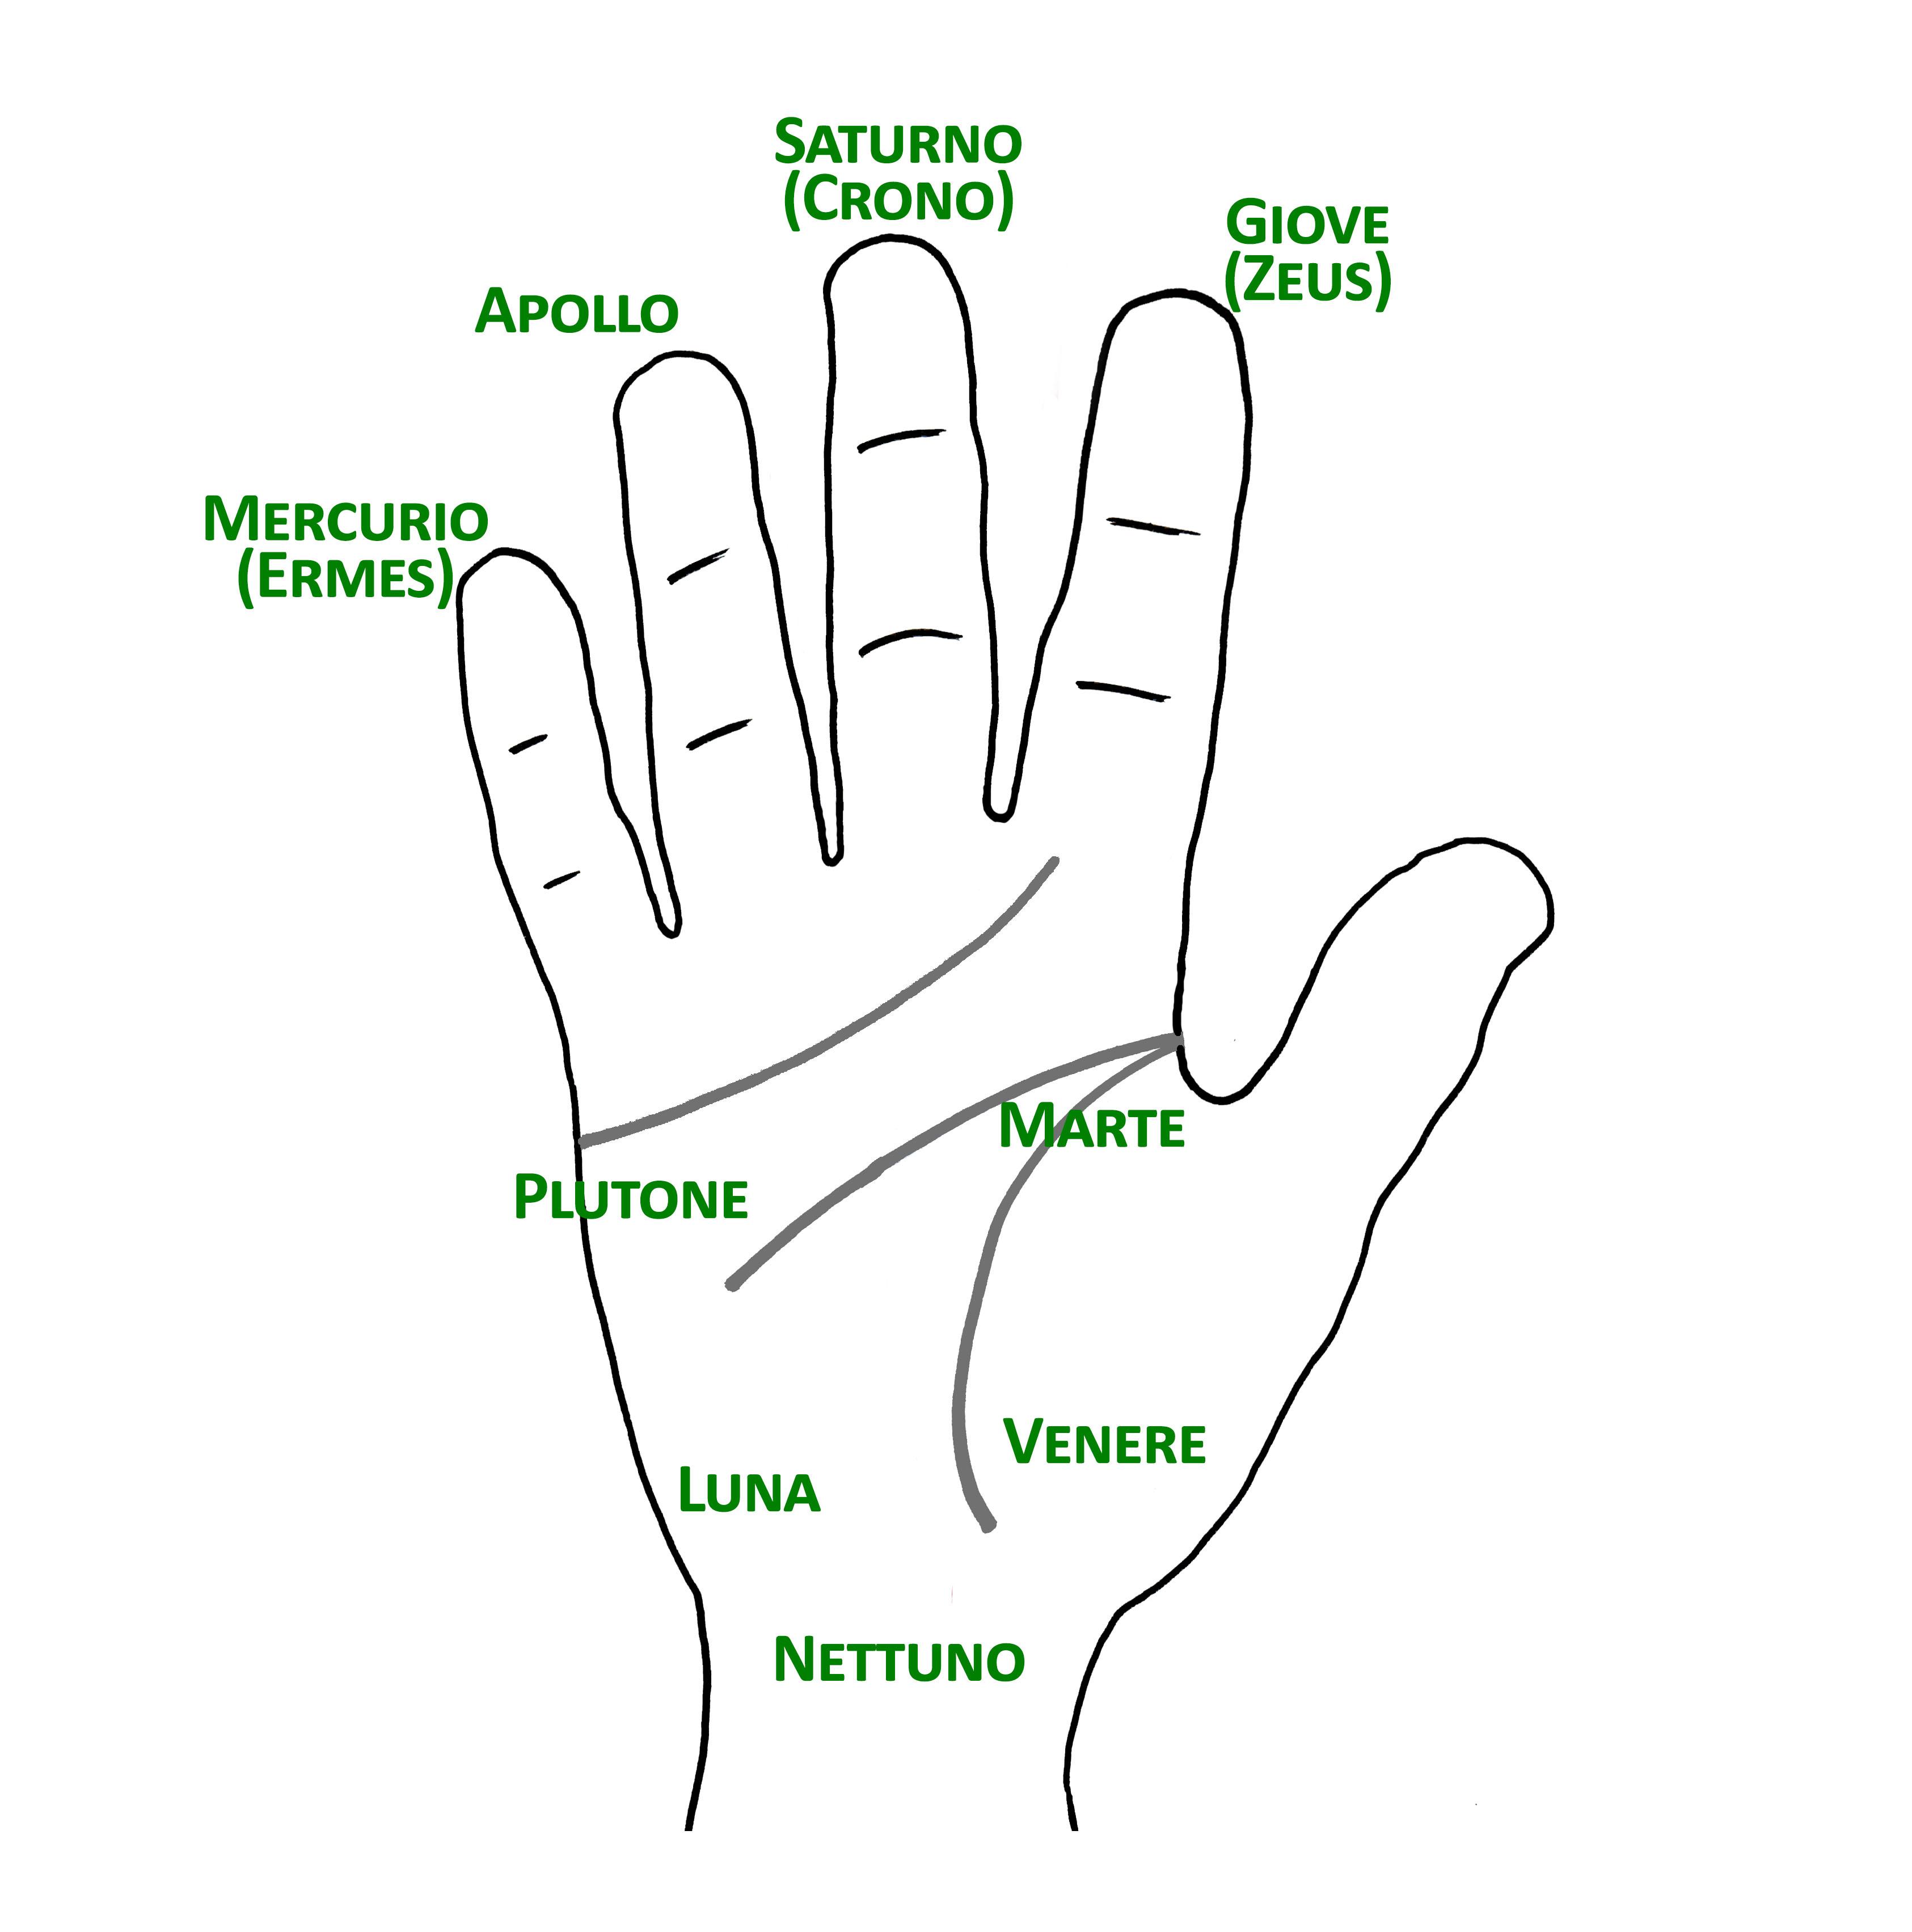 Zone della mano rinominate secondo l'energia mitologica presente.